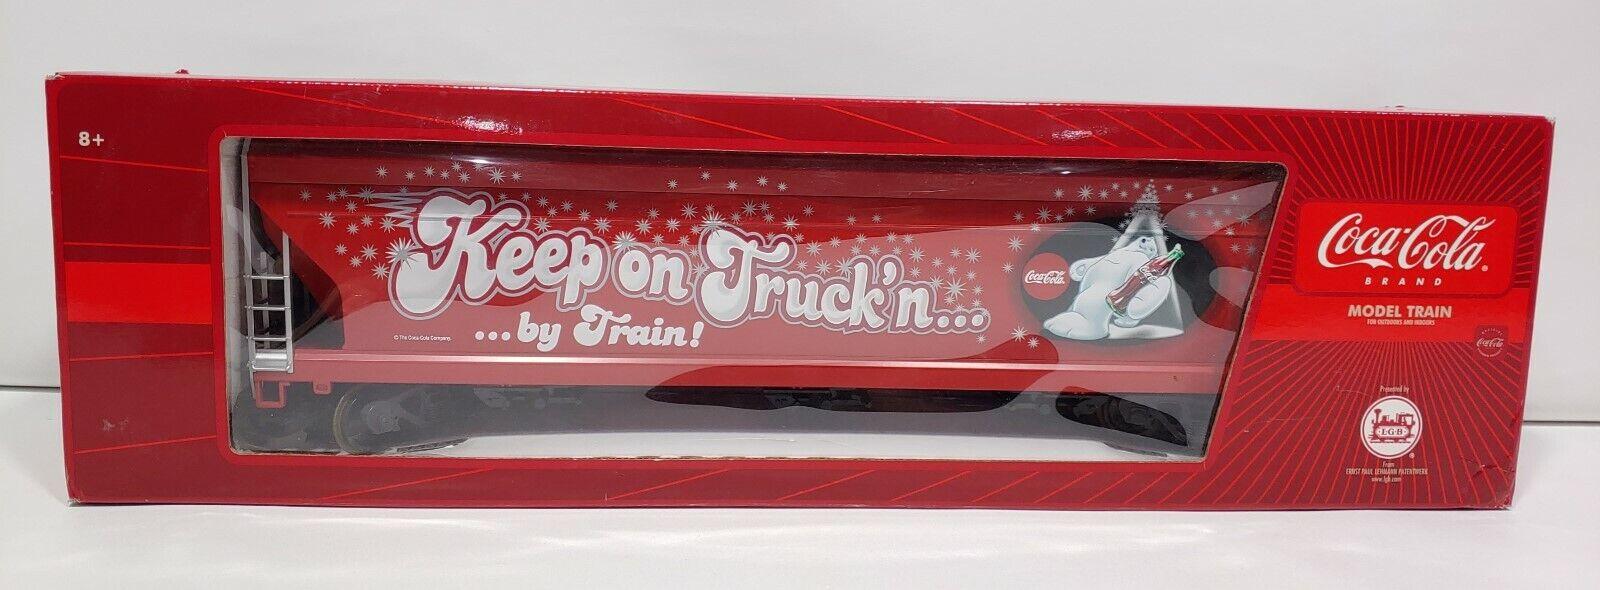 a la venta LGB Coca Cola Centro de marca Tolva de de de flujo mantener camión N... en tren  44823  Disfruta de un 50% de descuento.